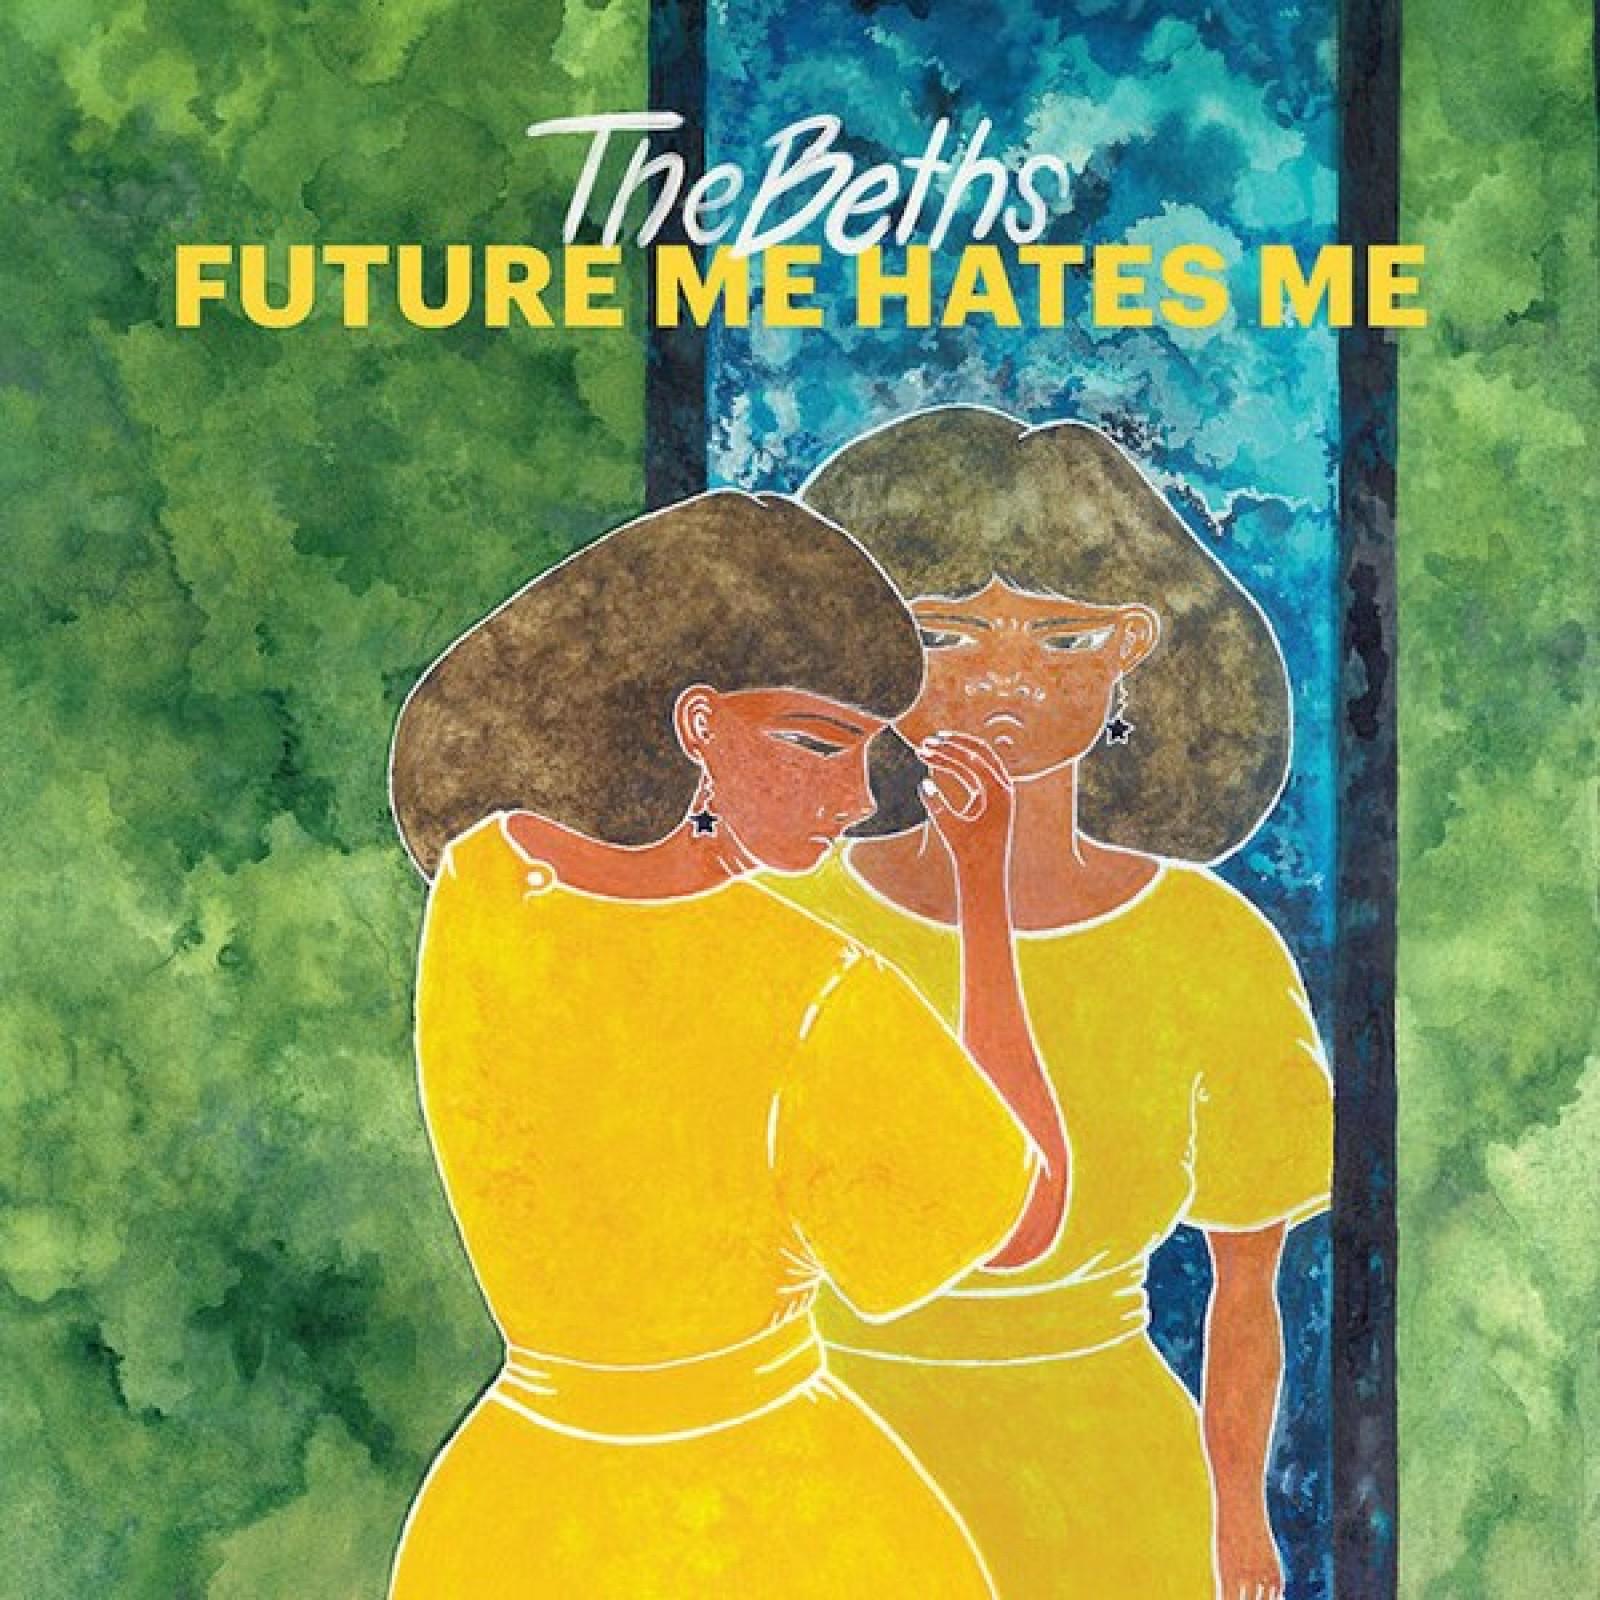 The Beths - Future Me Hates Me [LP] (cloudy Grape Vinyl)